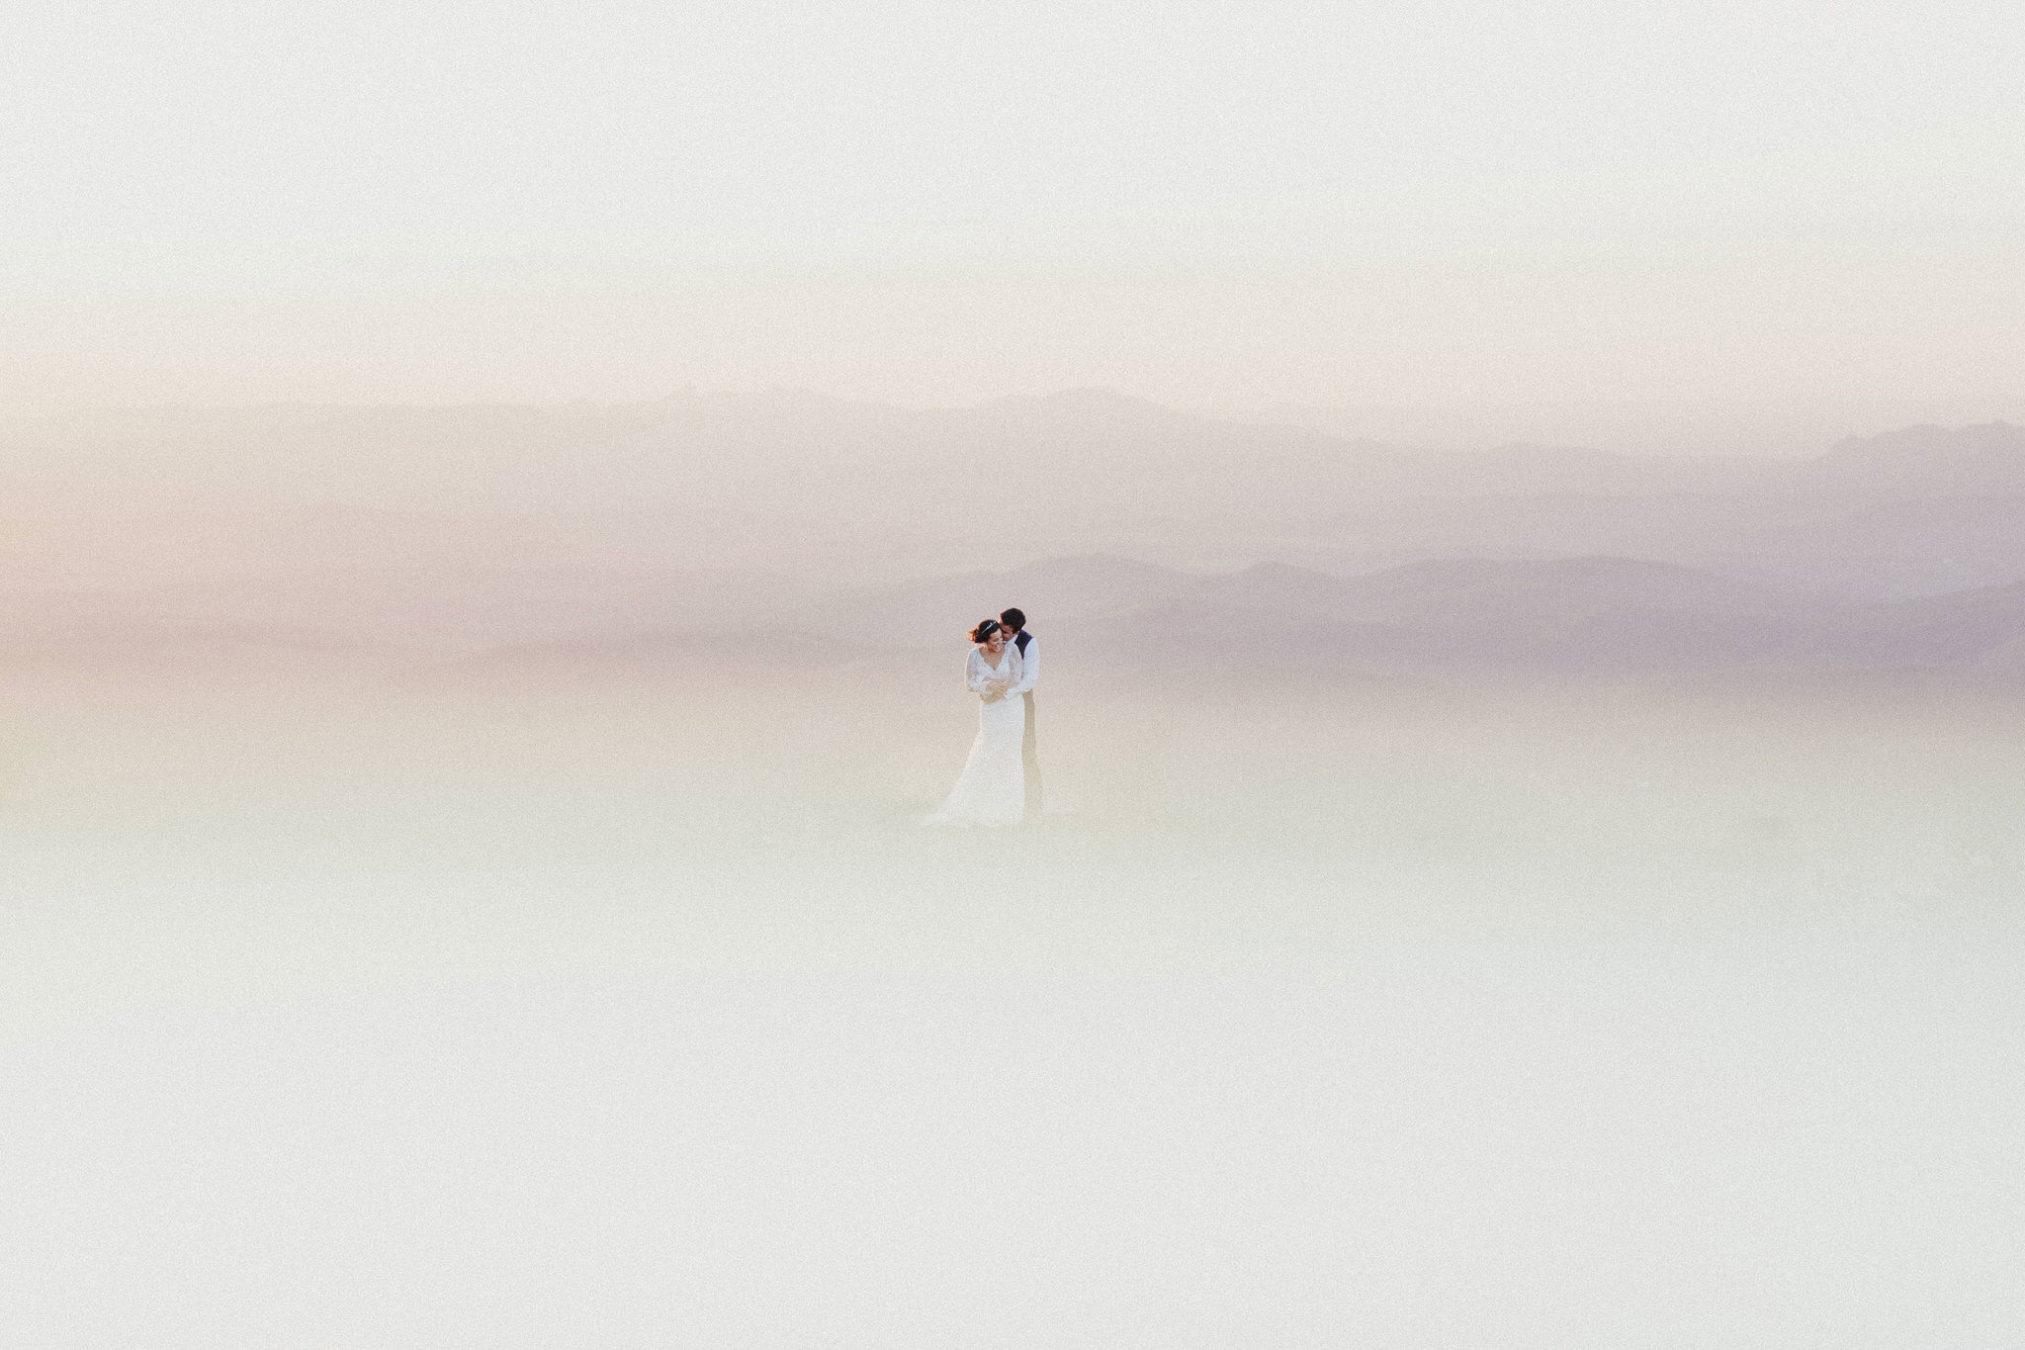 melhores fotografos de casamento do mundo